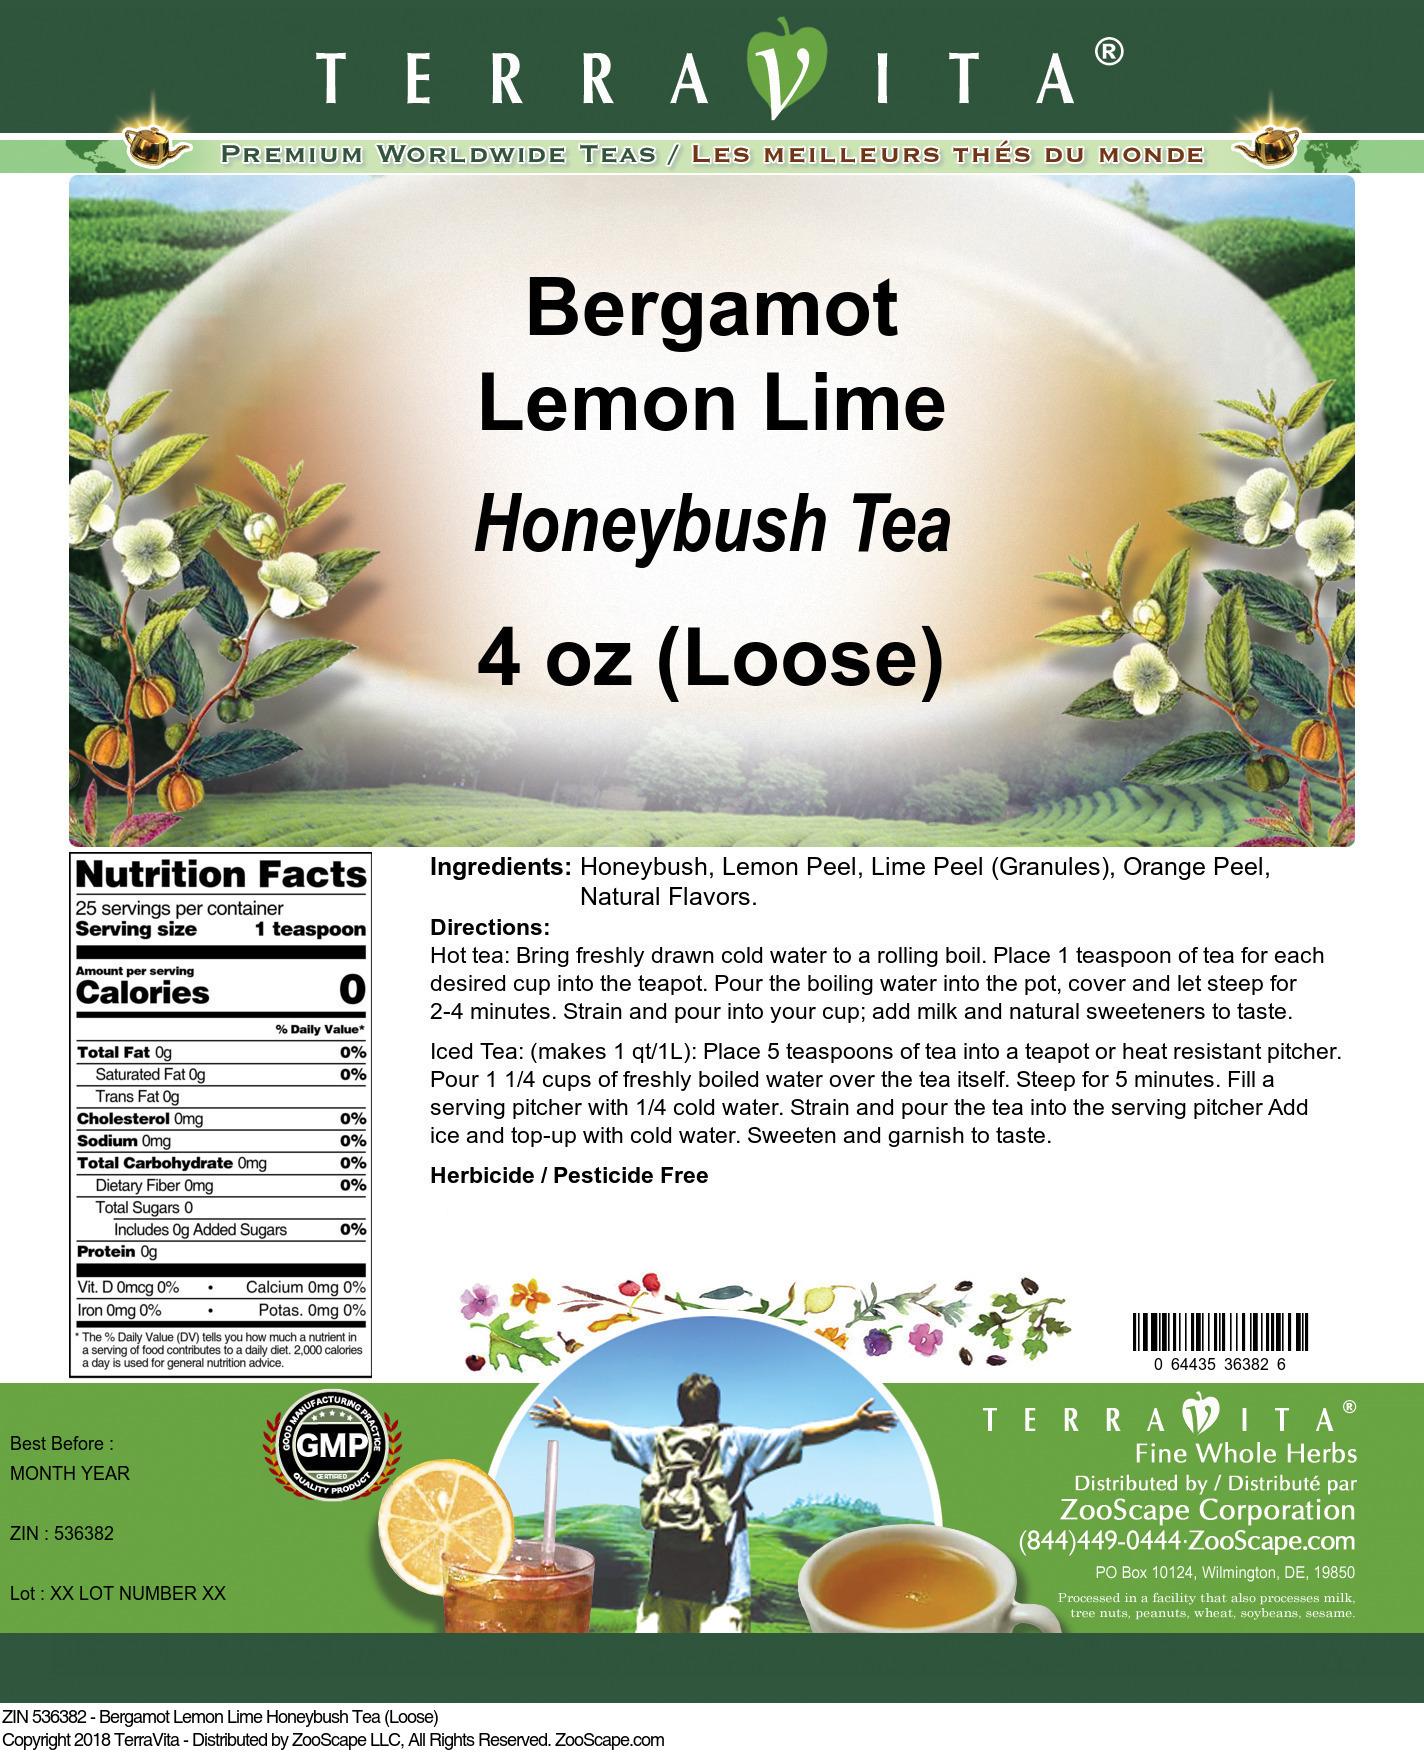 Bergamot Lemon Lime Honeybush Tea